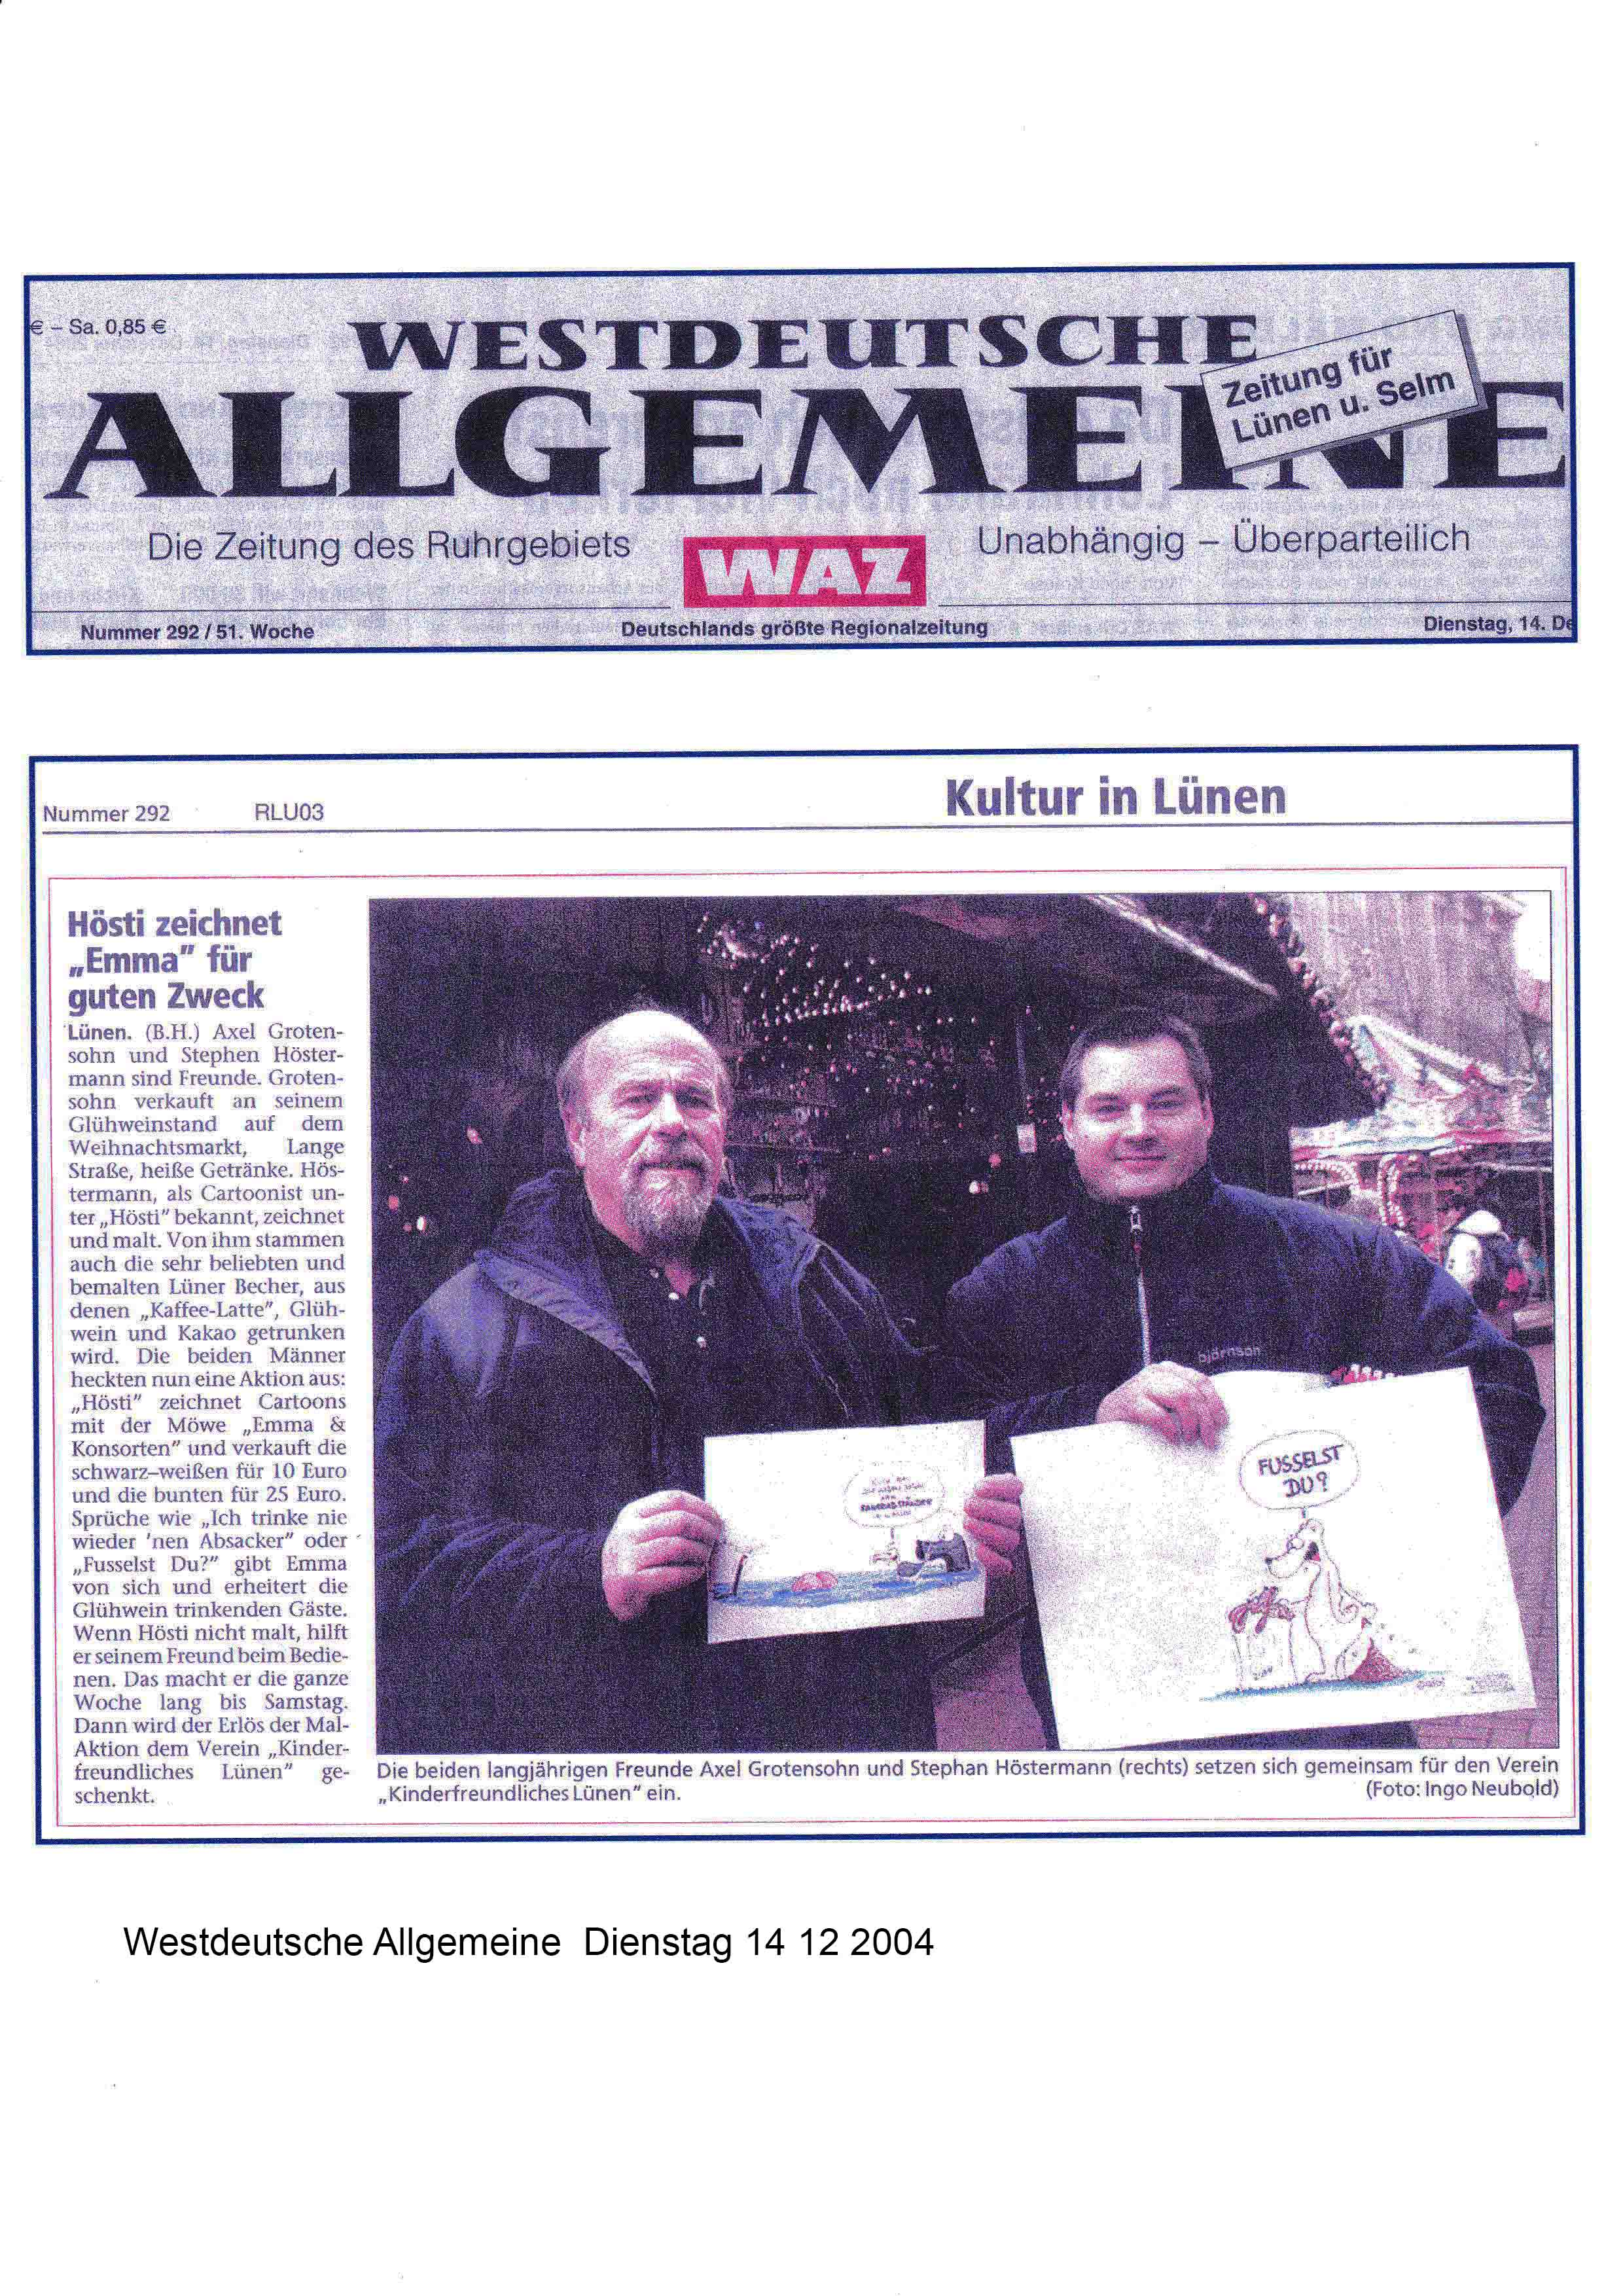 Westdeutsche Allgemeine Dienstag 14 12 2004